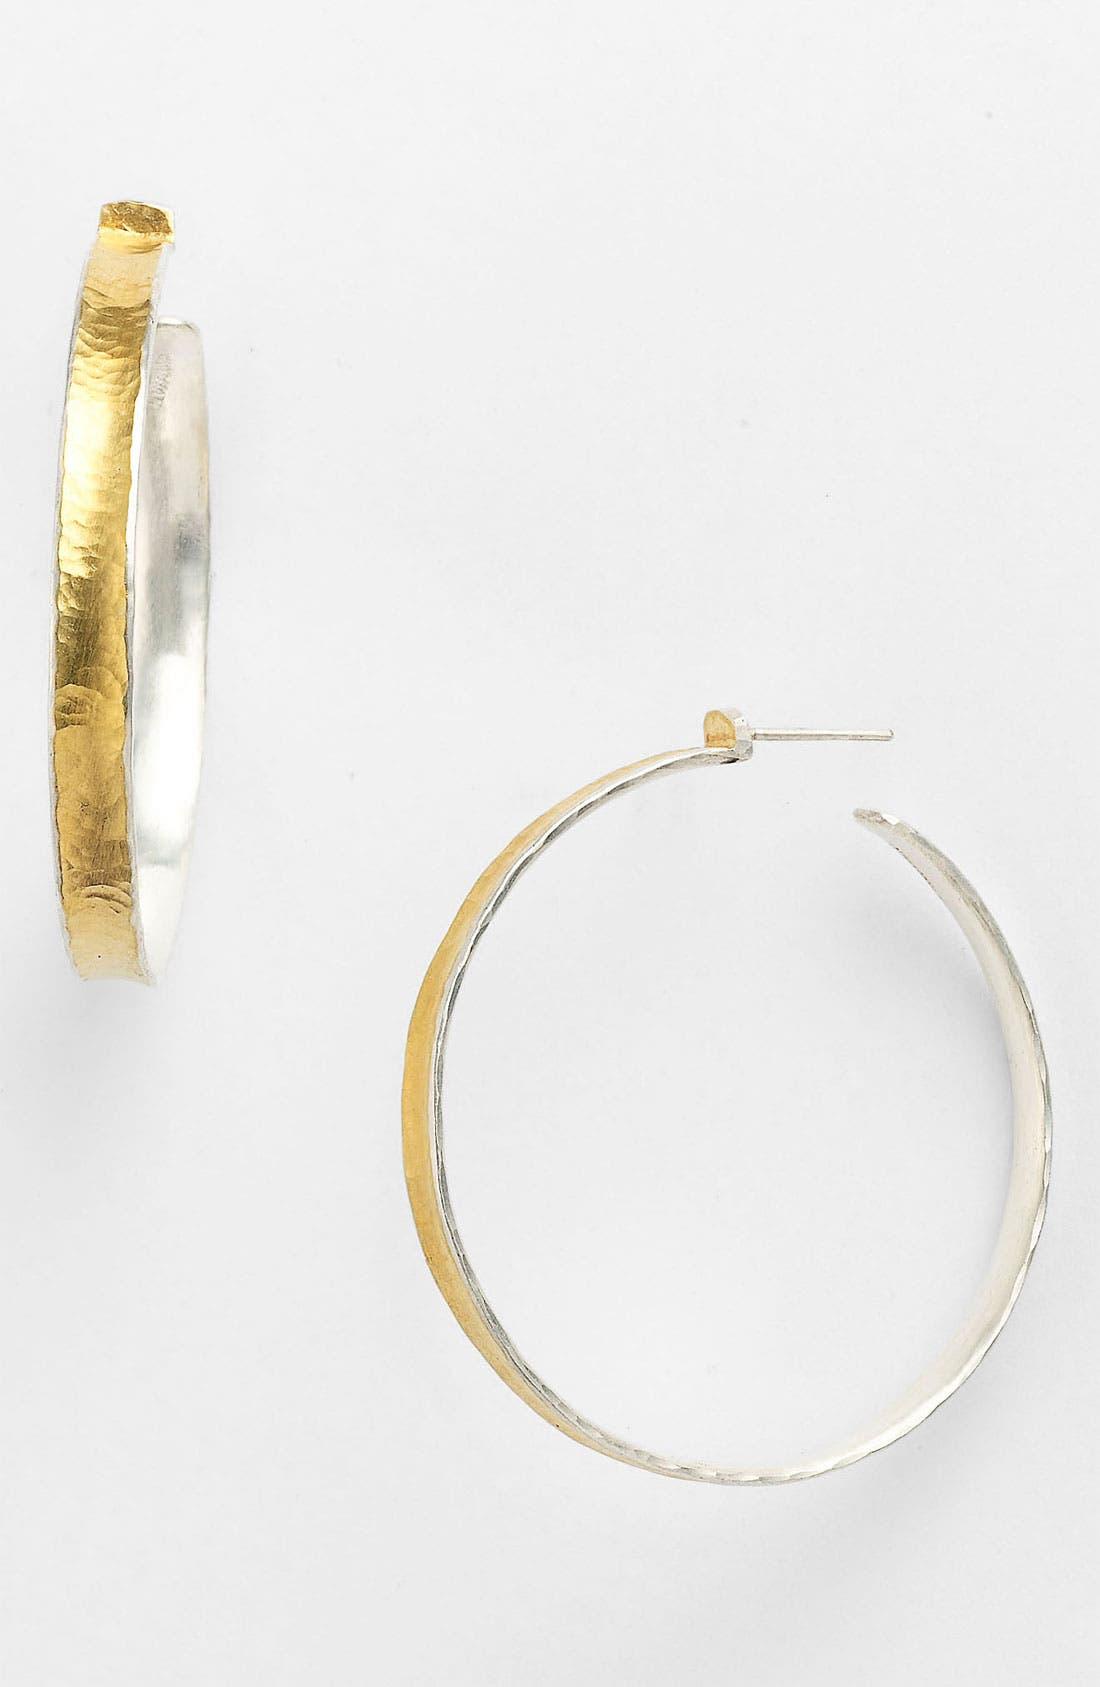 Alternate Image 1 Selected - Gurhan 'Hourglass' Hoop Earrings